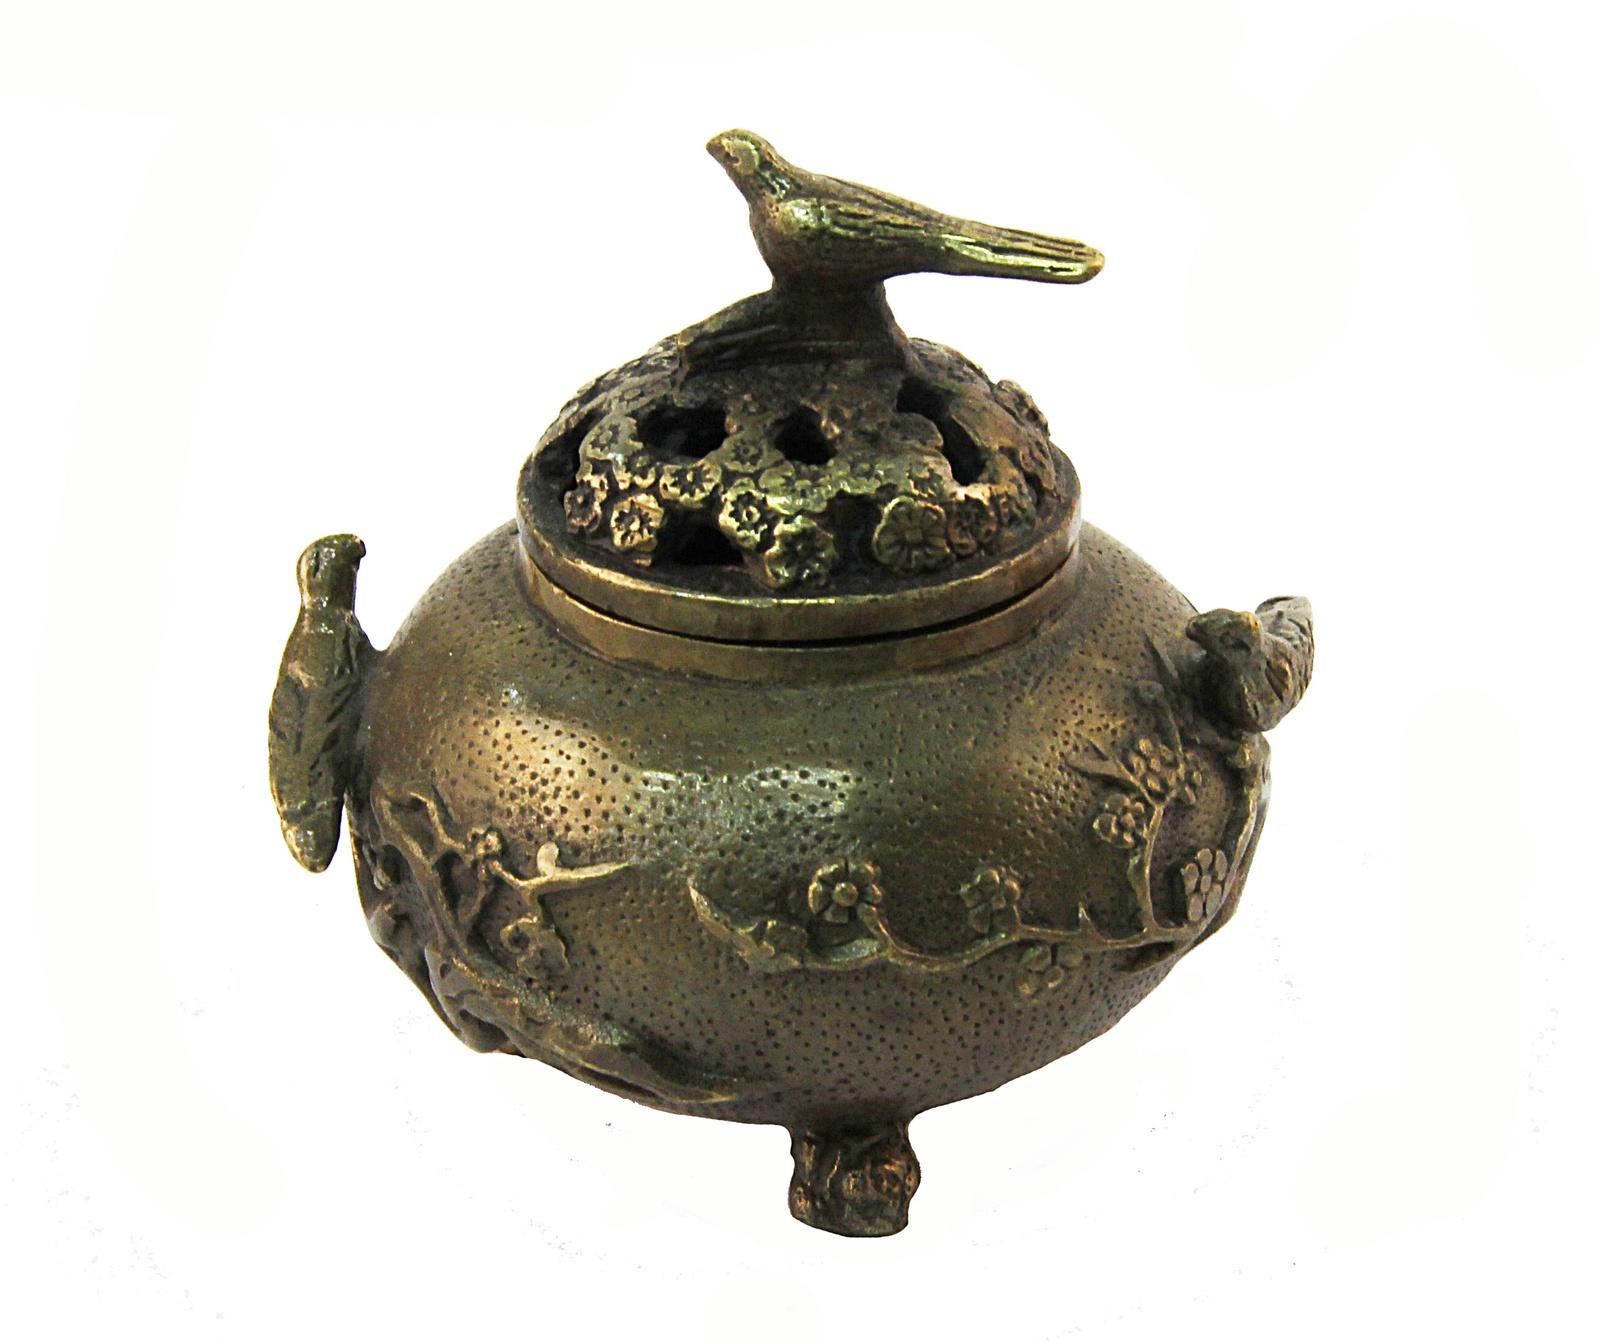 Курительница Птицы в саду восточном стиле. Бронза, прочеканка. Китай, конец XX века